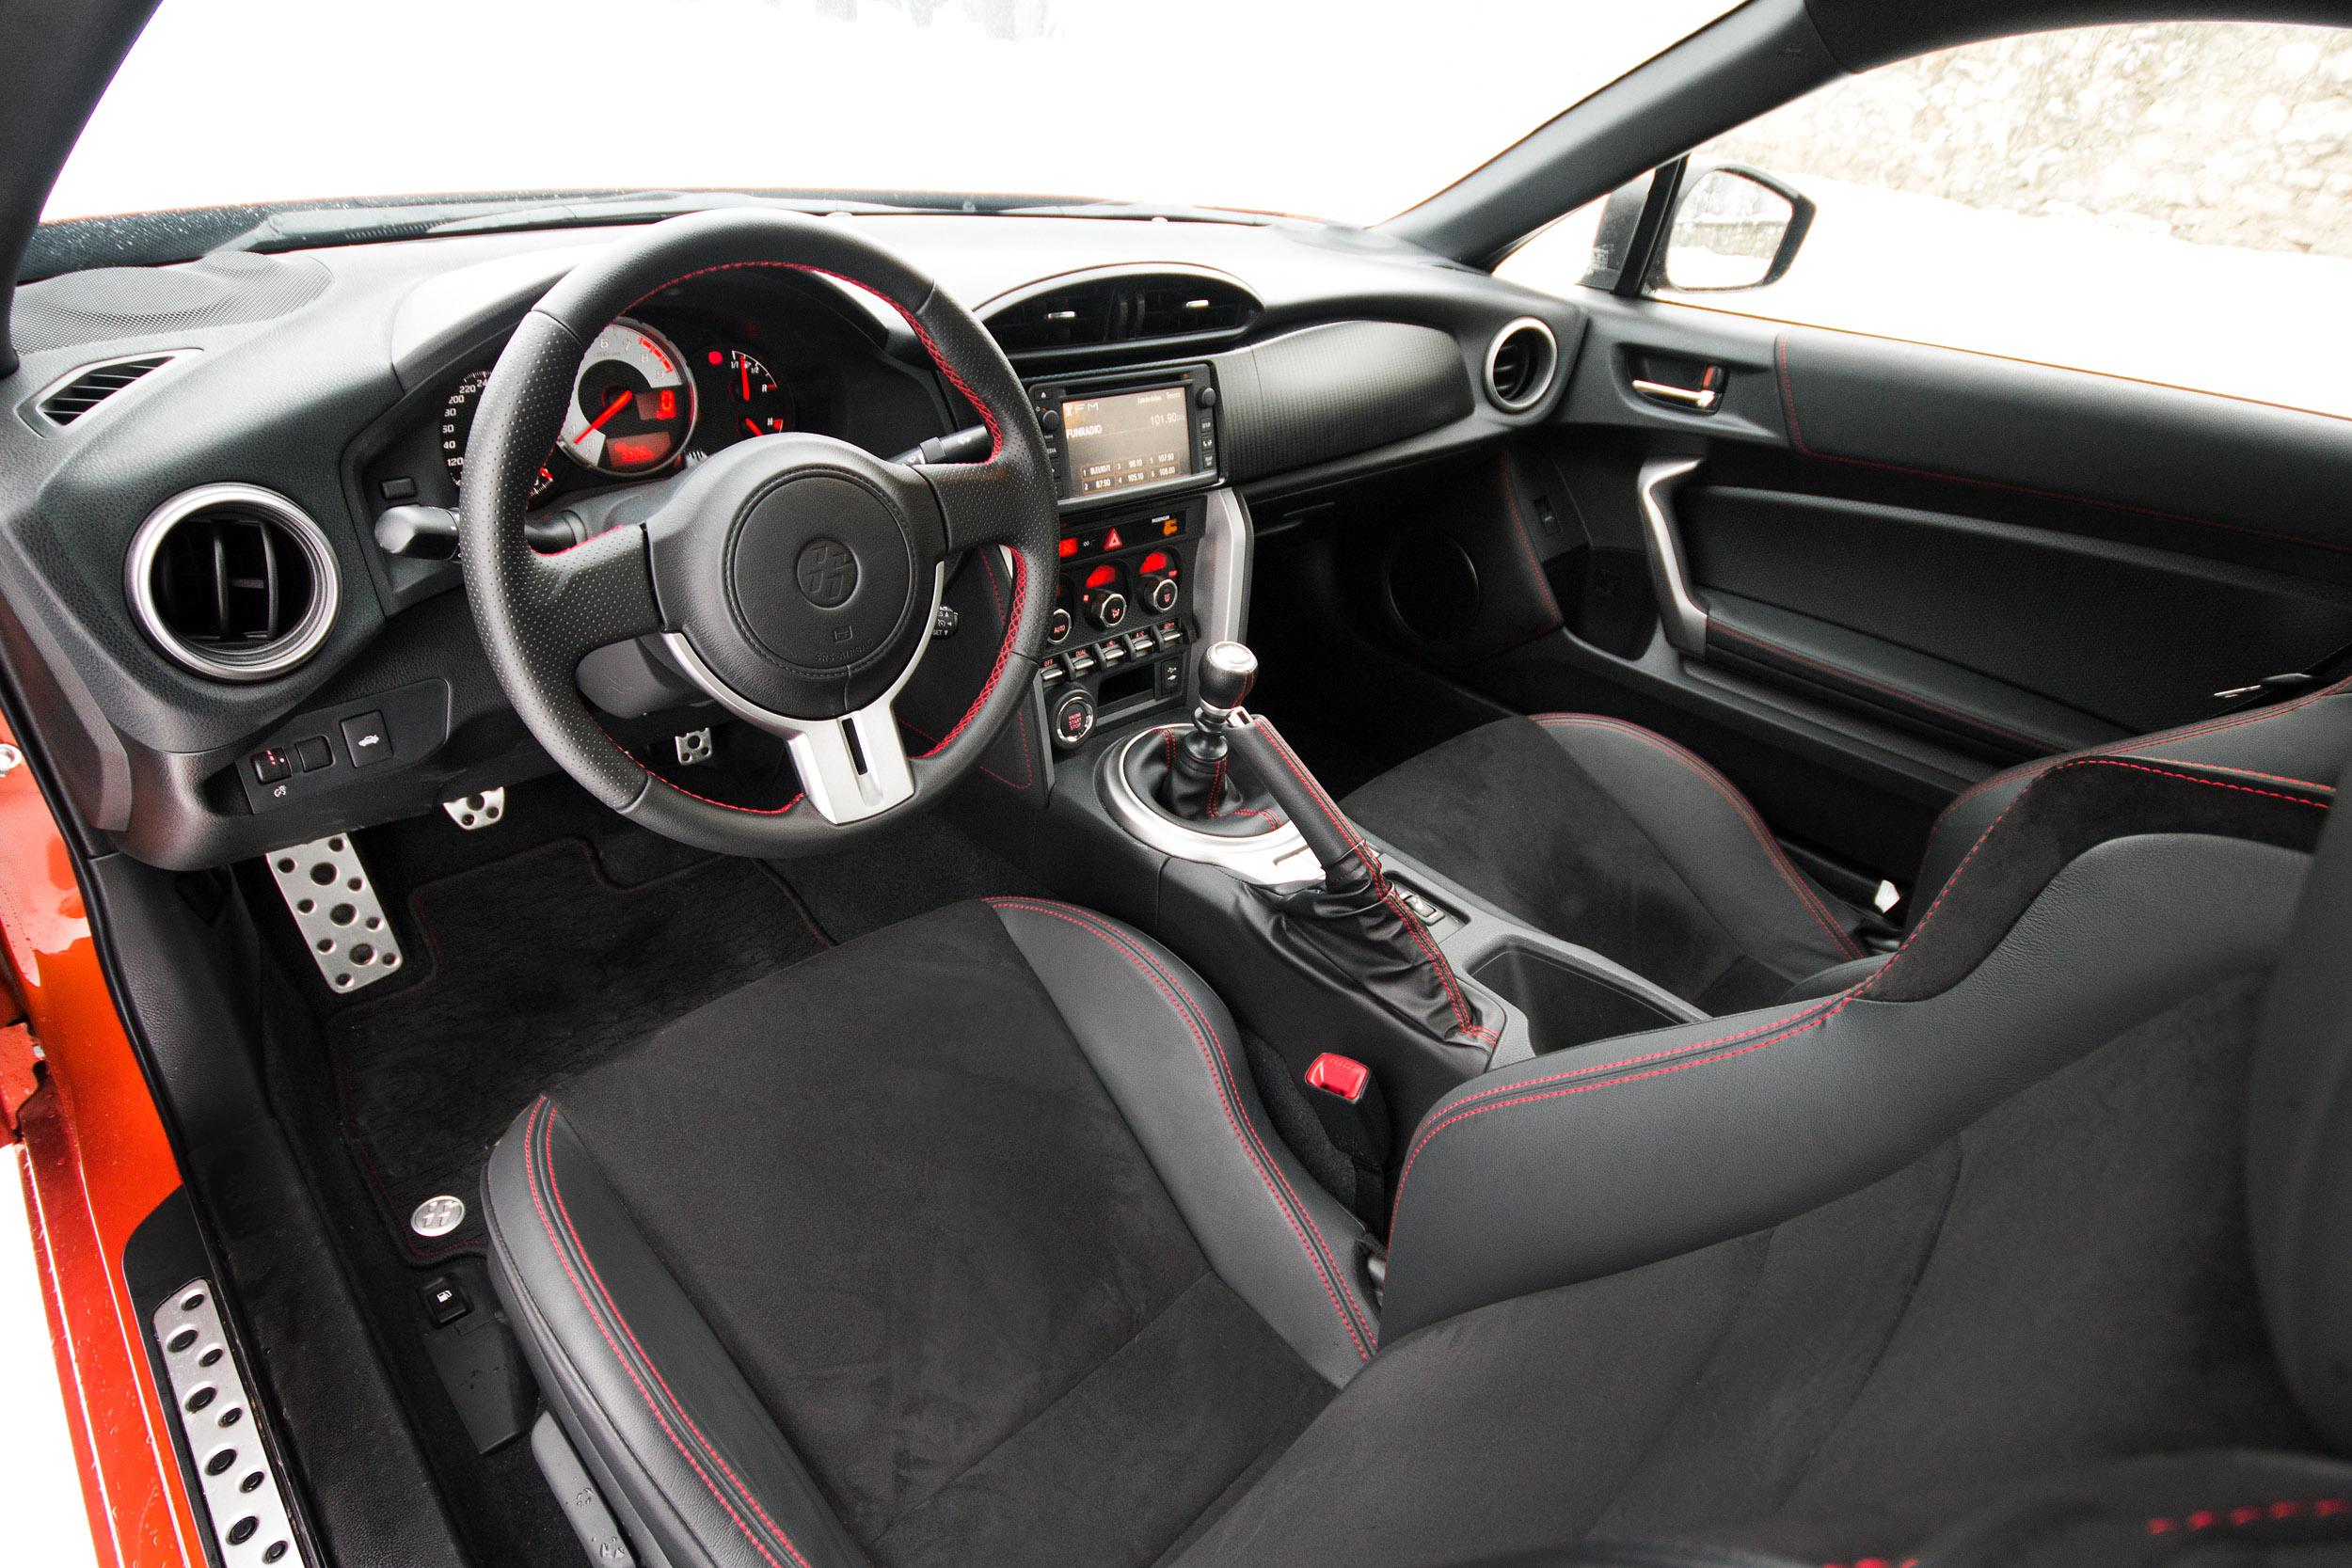 toyota gt 86 test drive interior les voitures. Black Bedroom Furniture Sets. Home Design Ideas